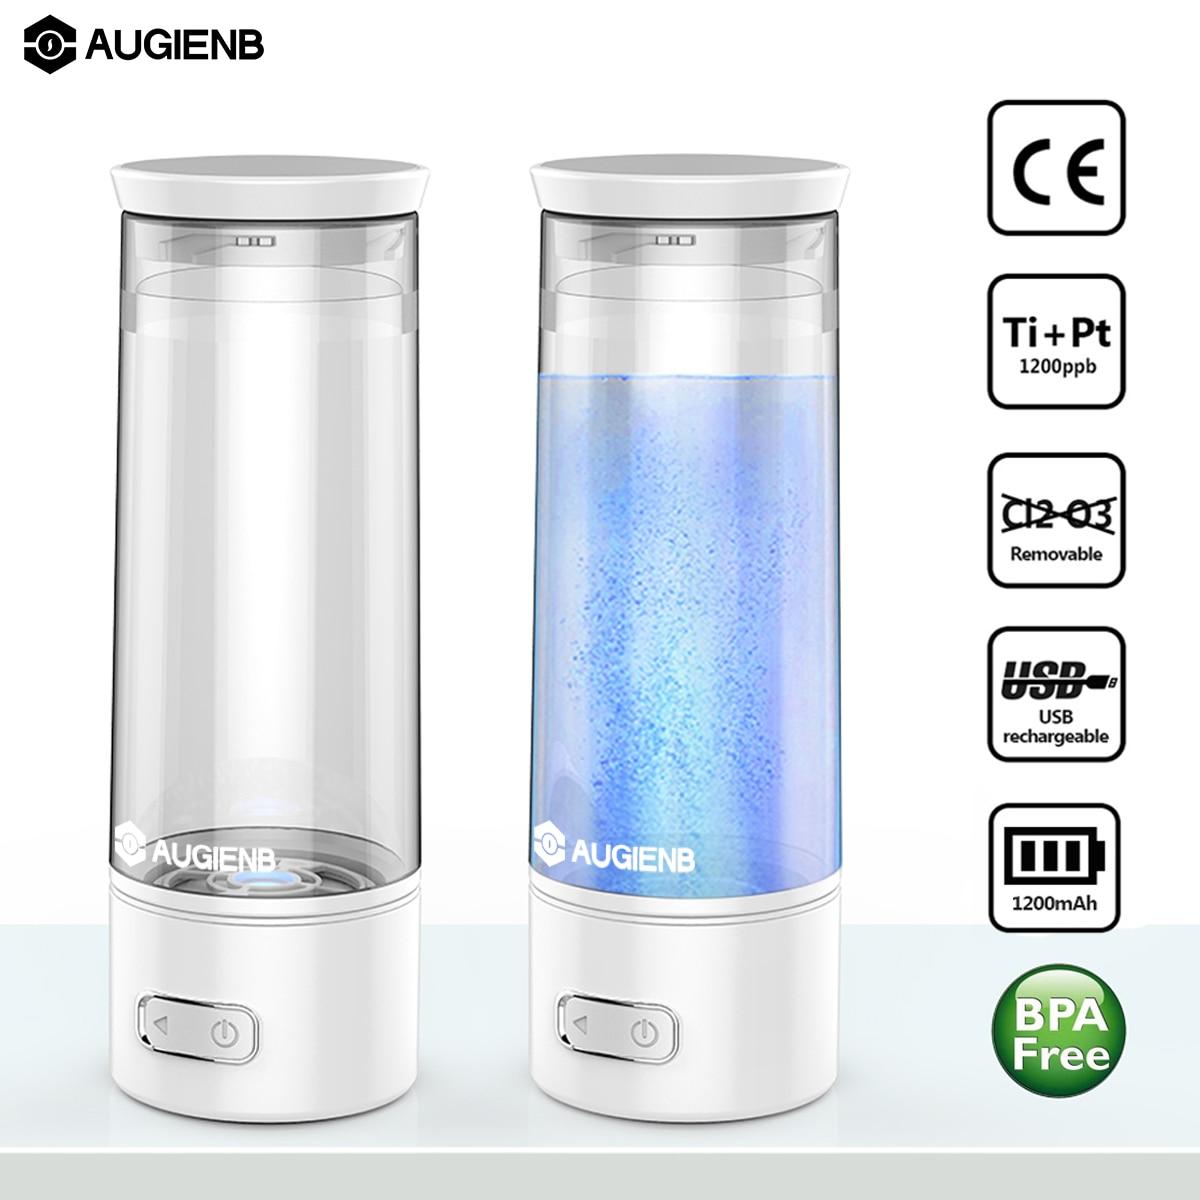 Augienb USB Rechargeable Anti Vieillissement Portable Riche En Hydrogène Bouteille D'eau Ioniseur Sain Électrolyte Générateur D'ions Négatifs